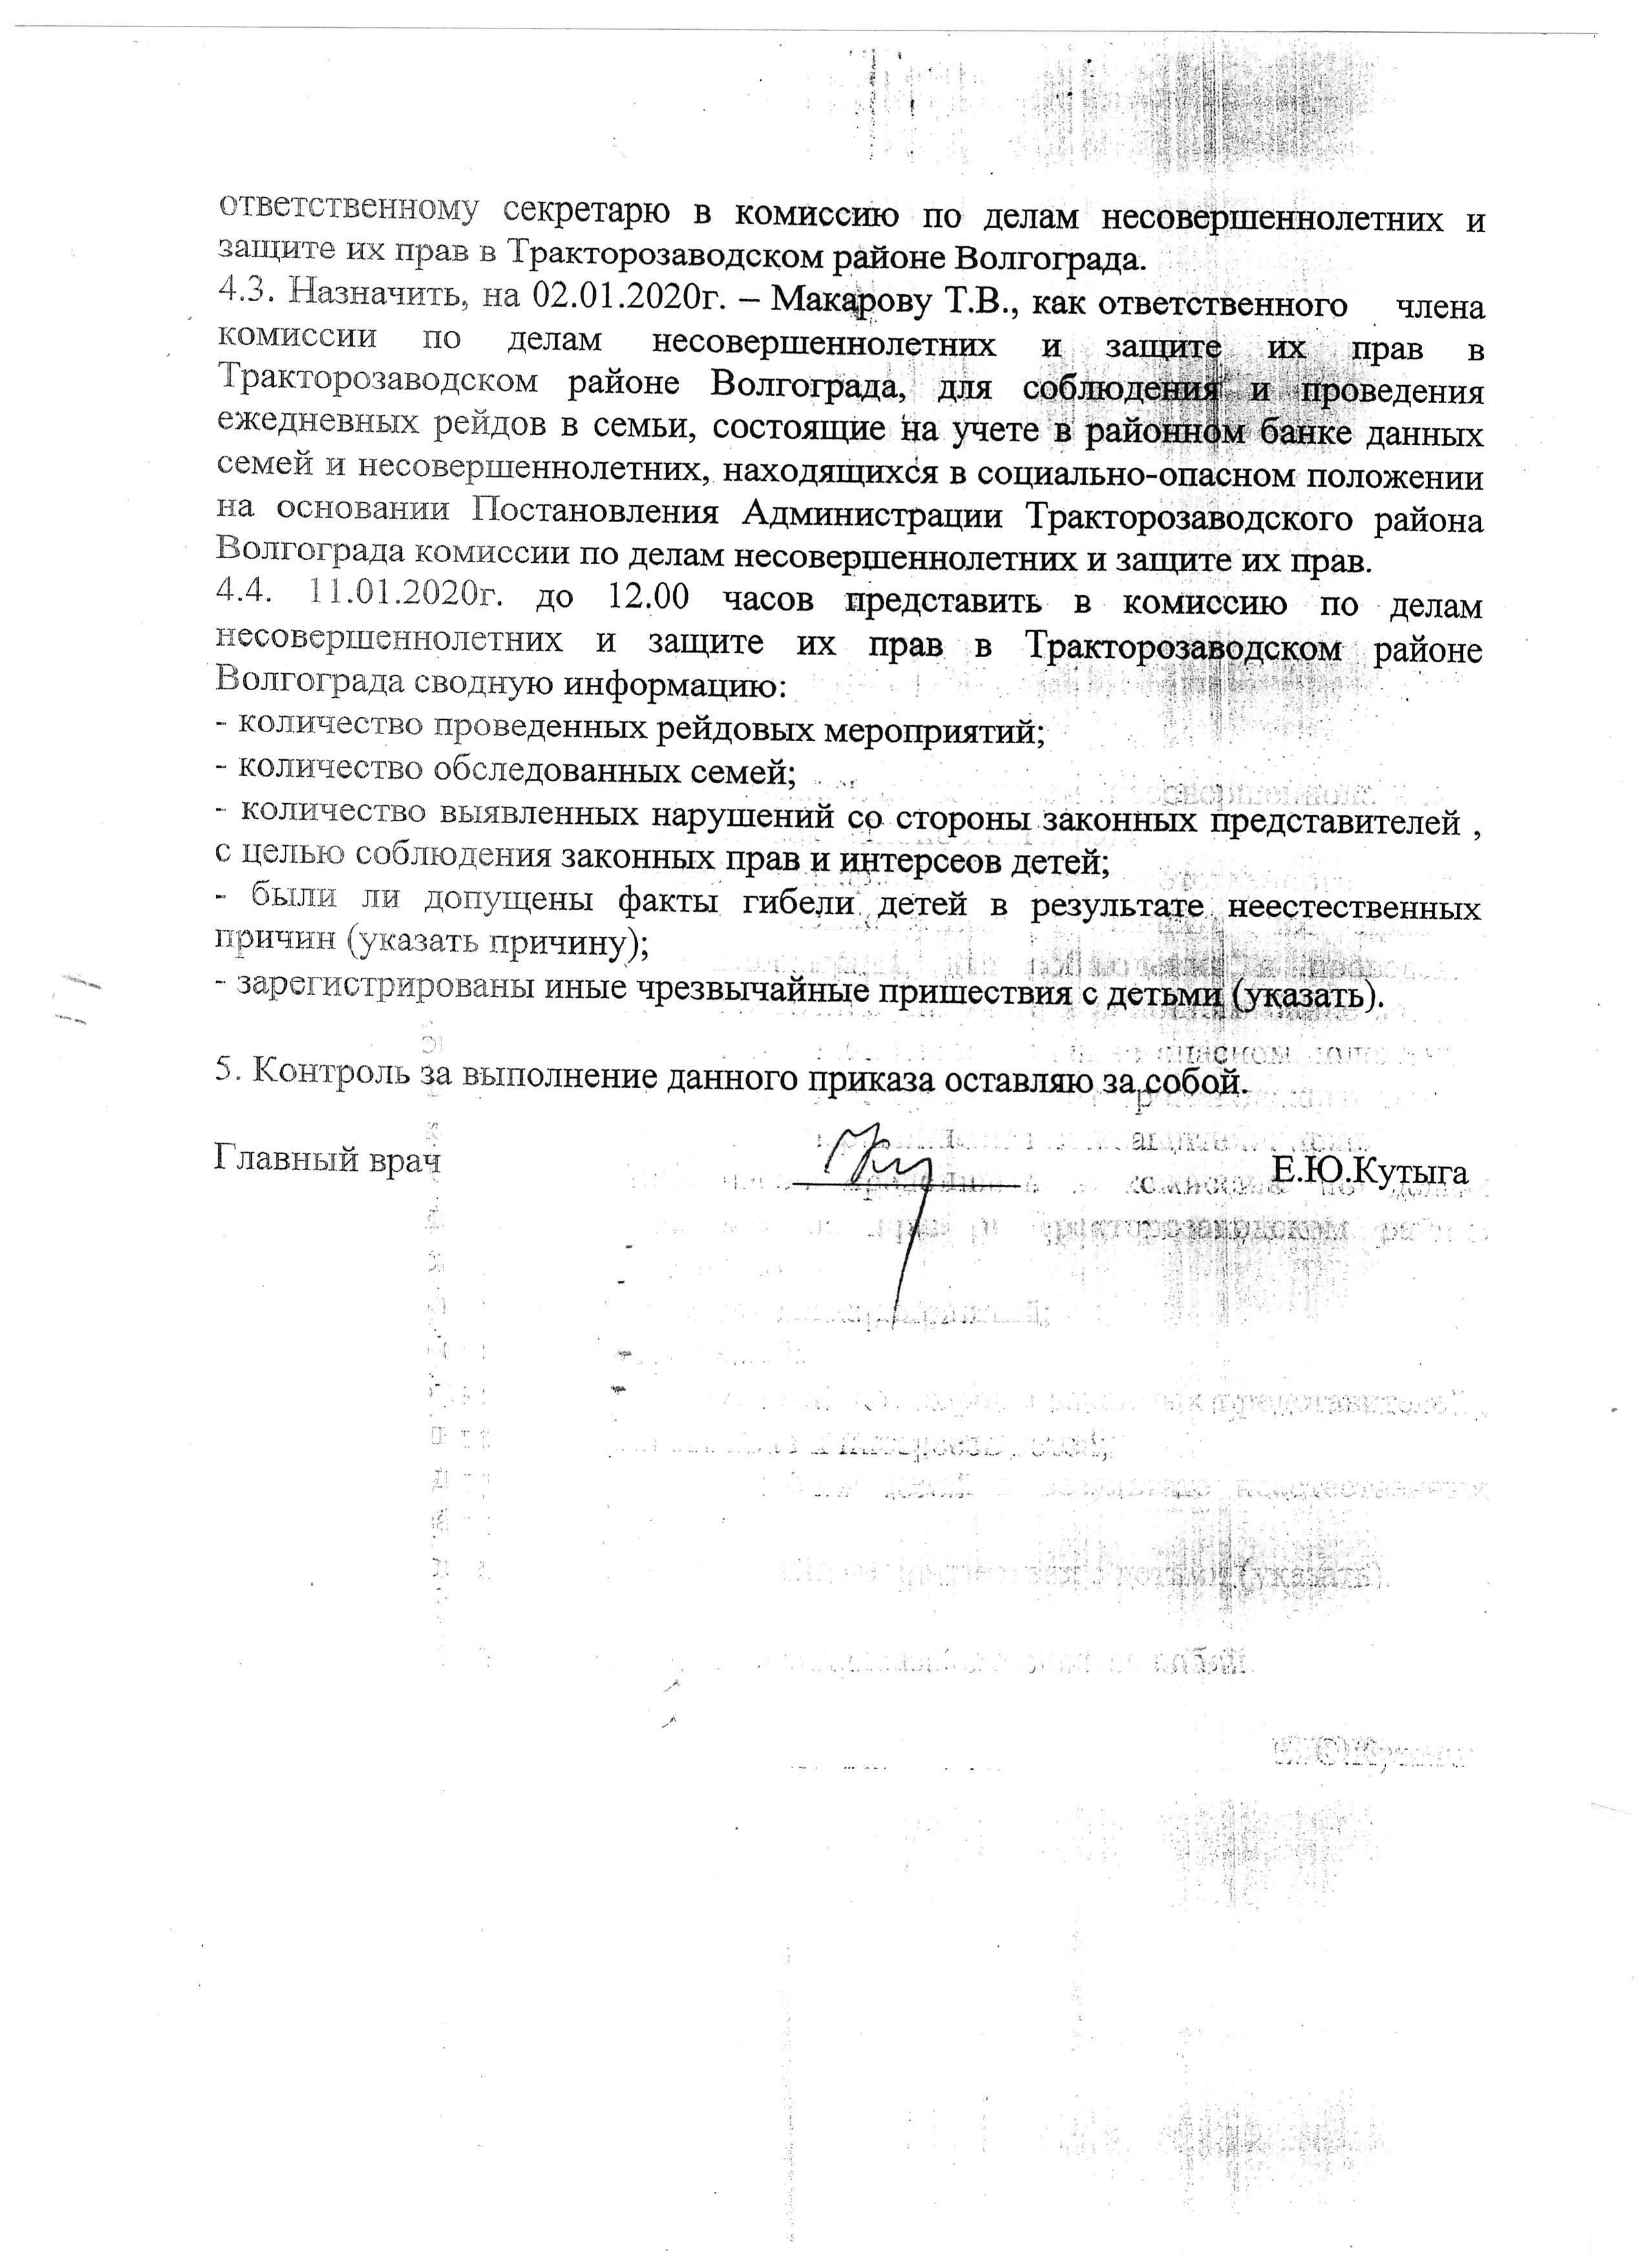 приказ № 276 от 22.12.2020 1.jpeg